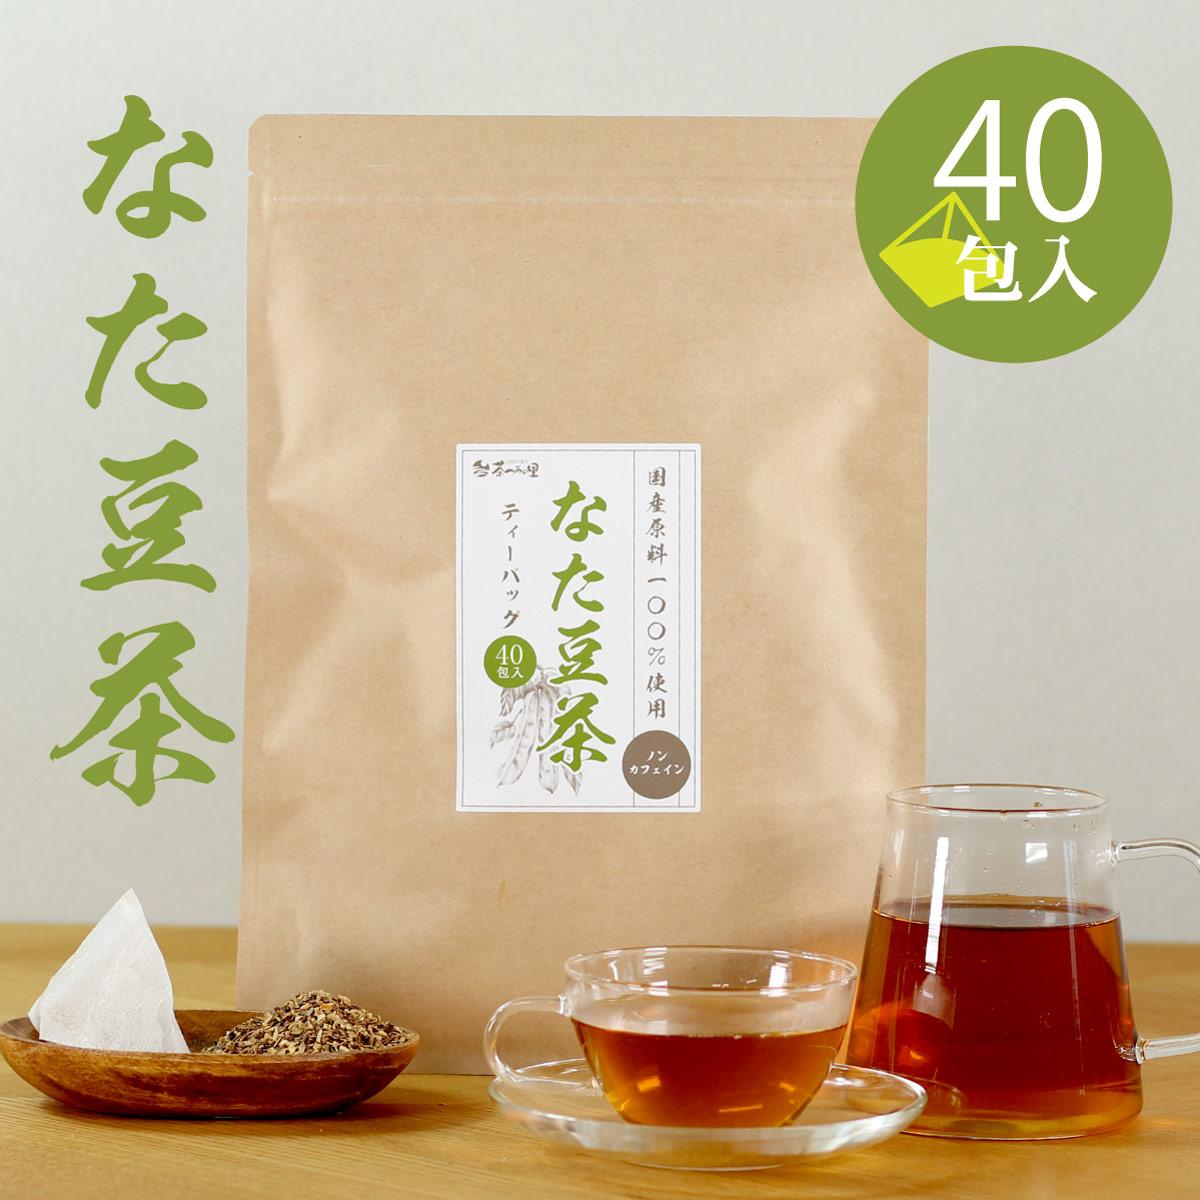 【送料無料】国産 なた豆茶 ティーバッグ (3g×40包入)